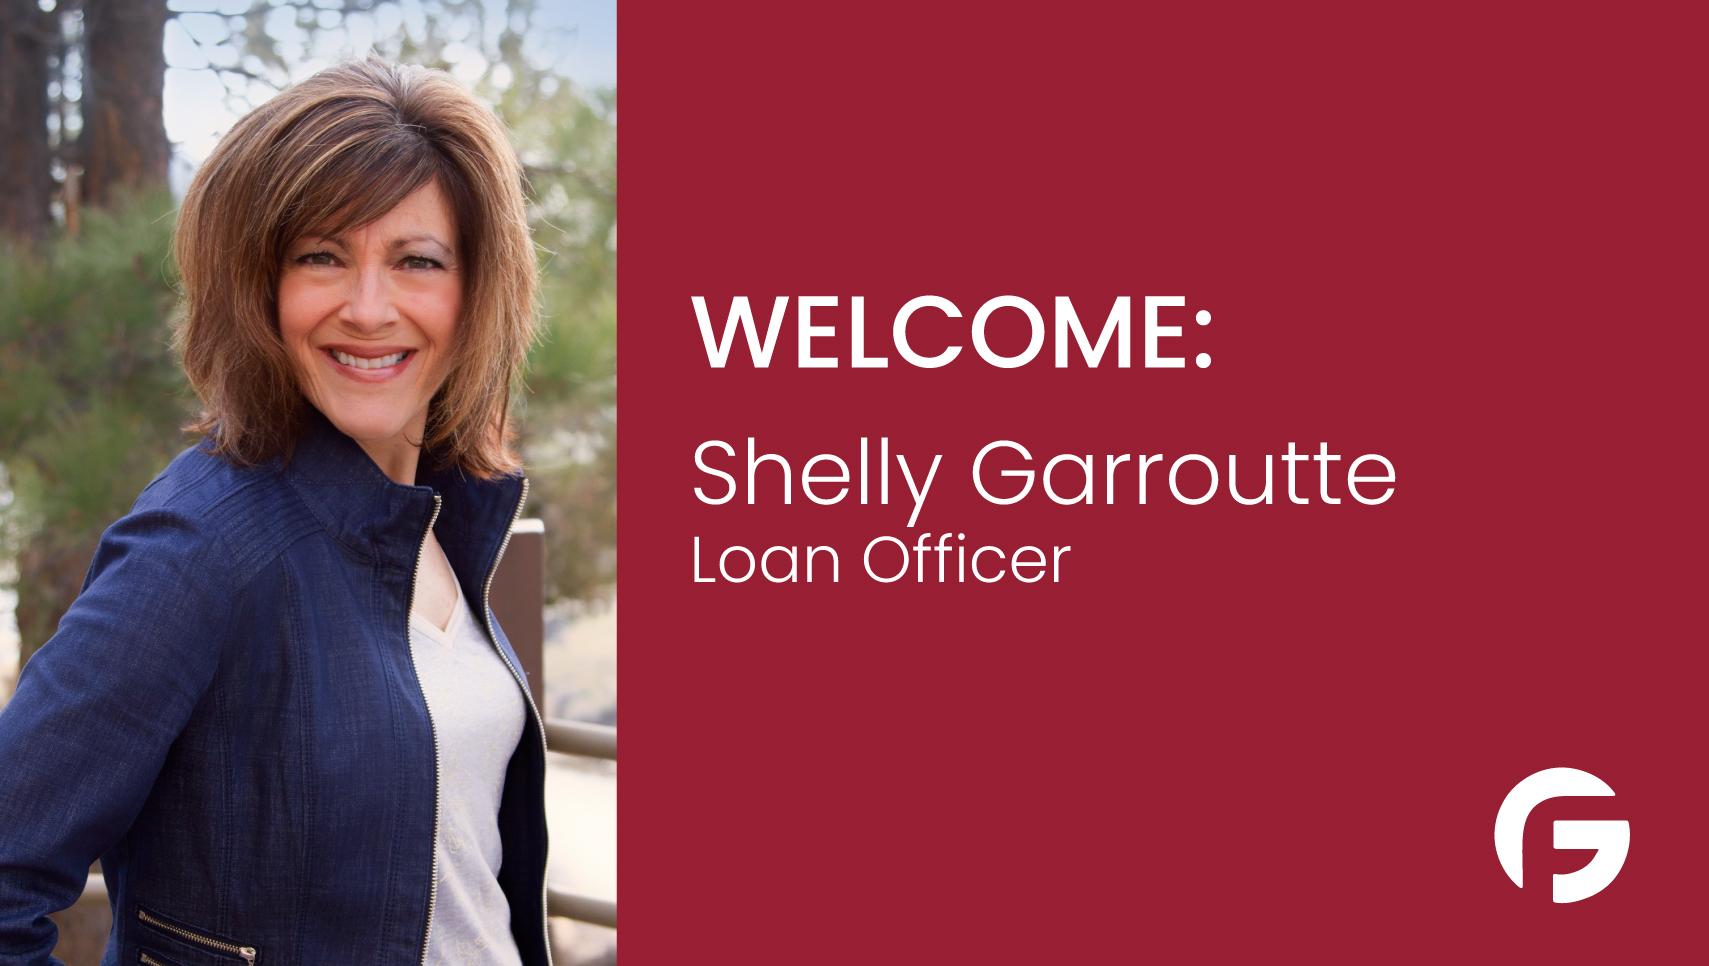 Shelly Garroutte, Loan Officer serving Oregon